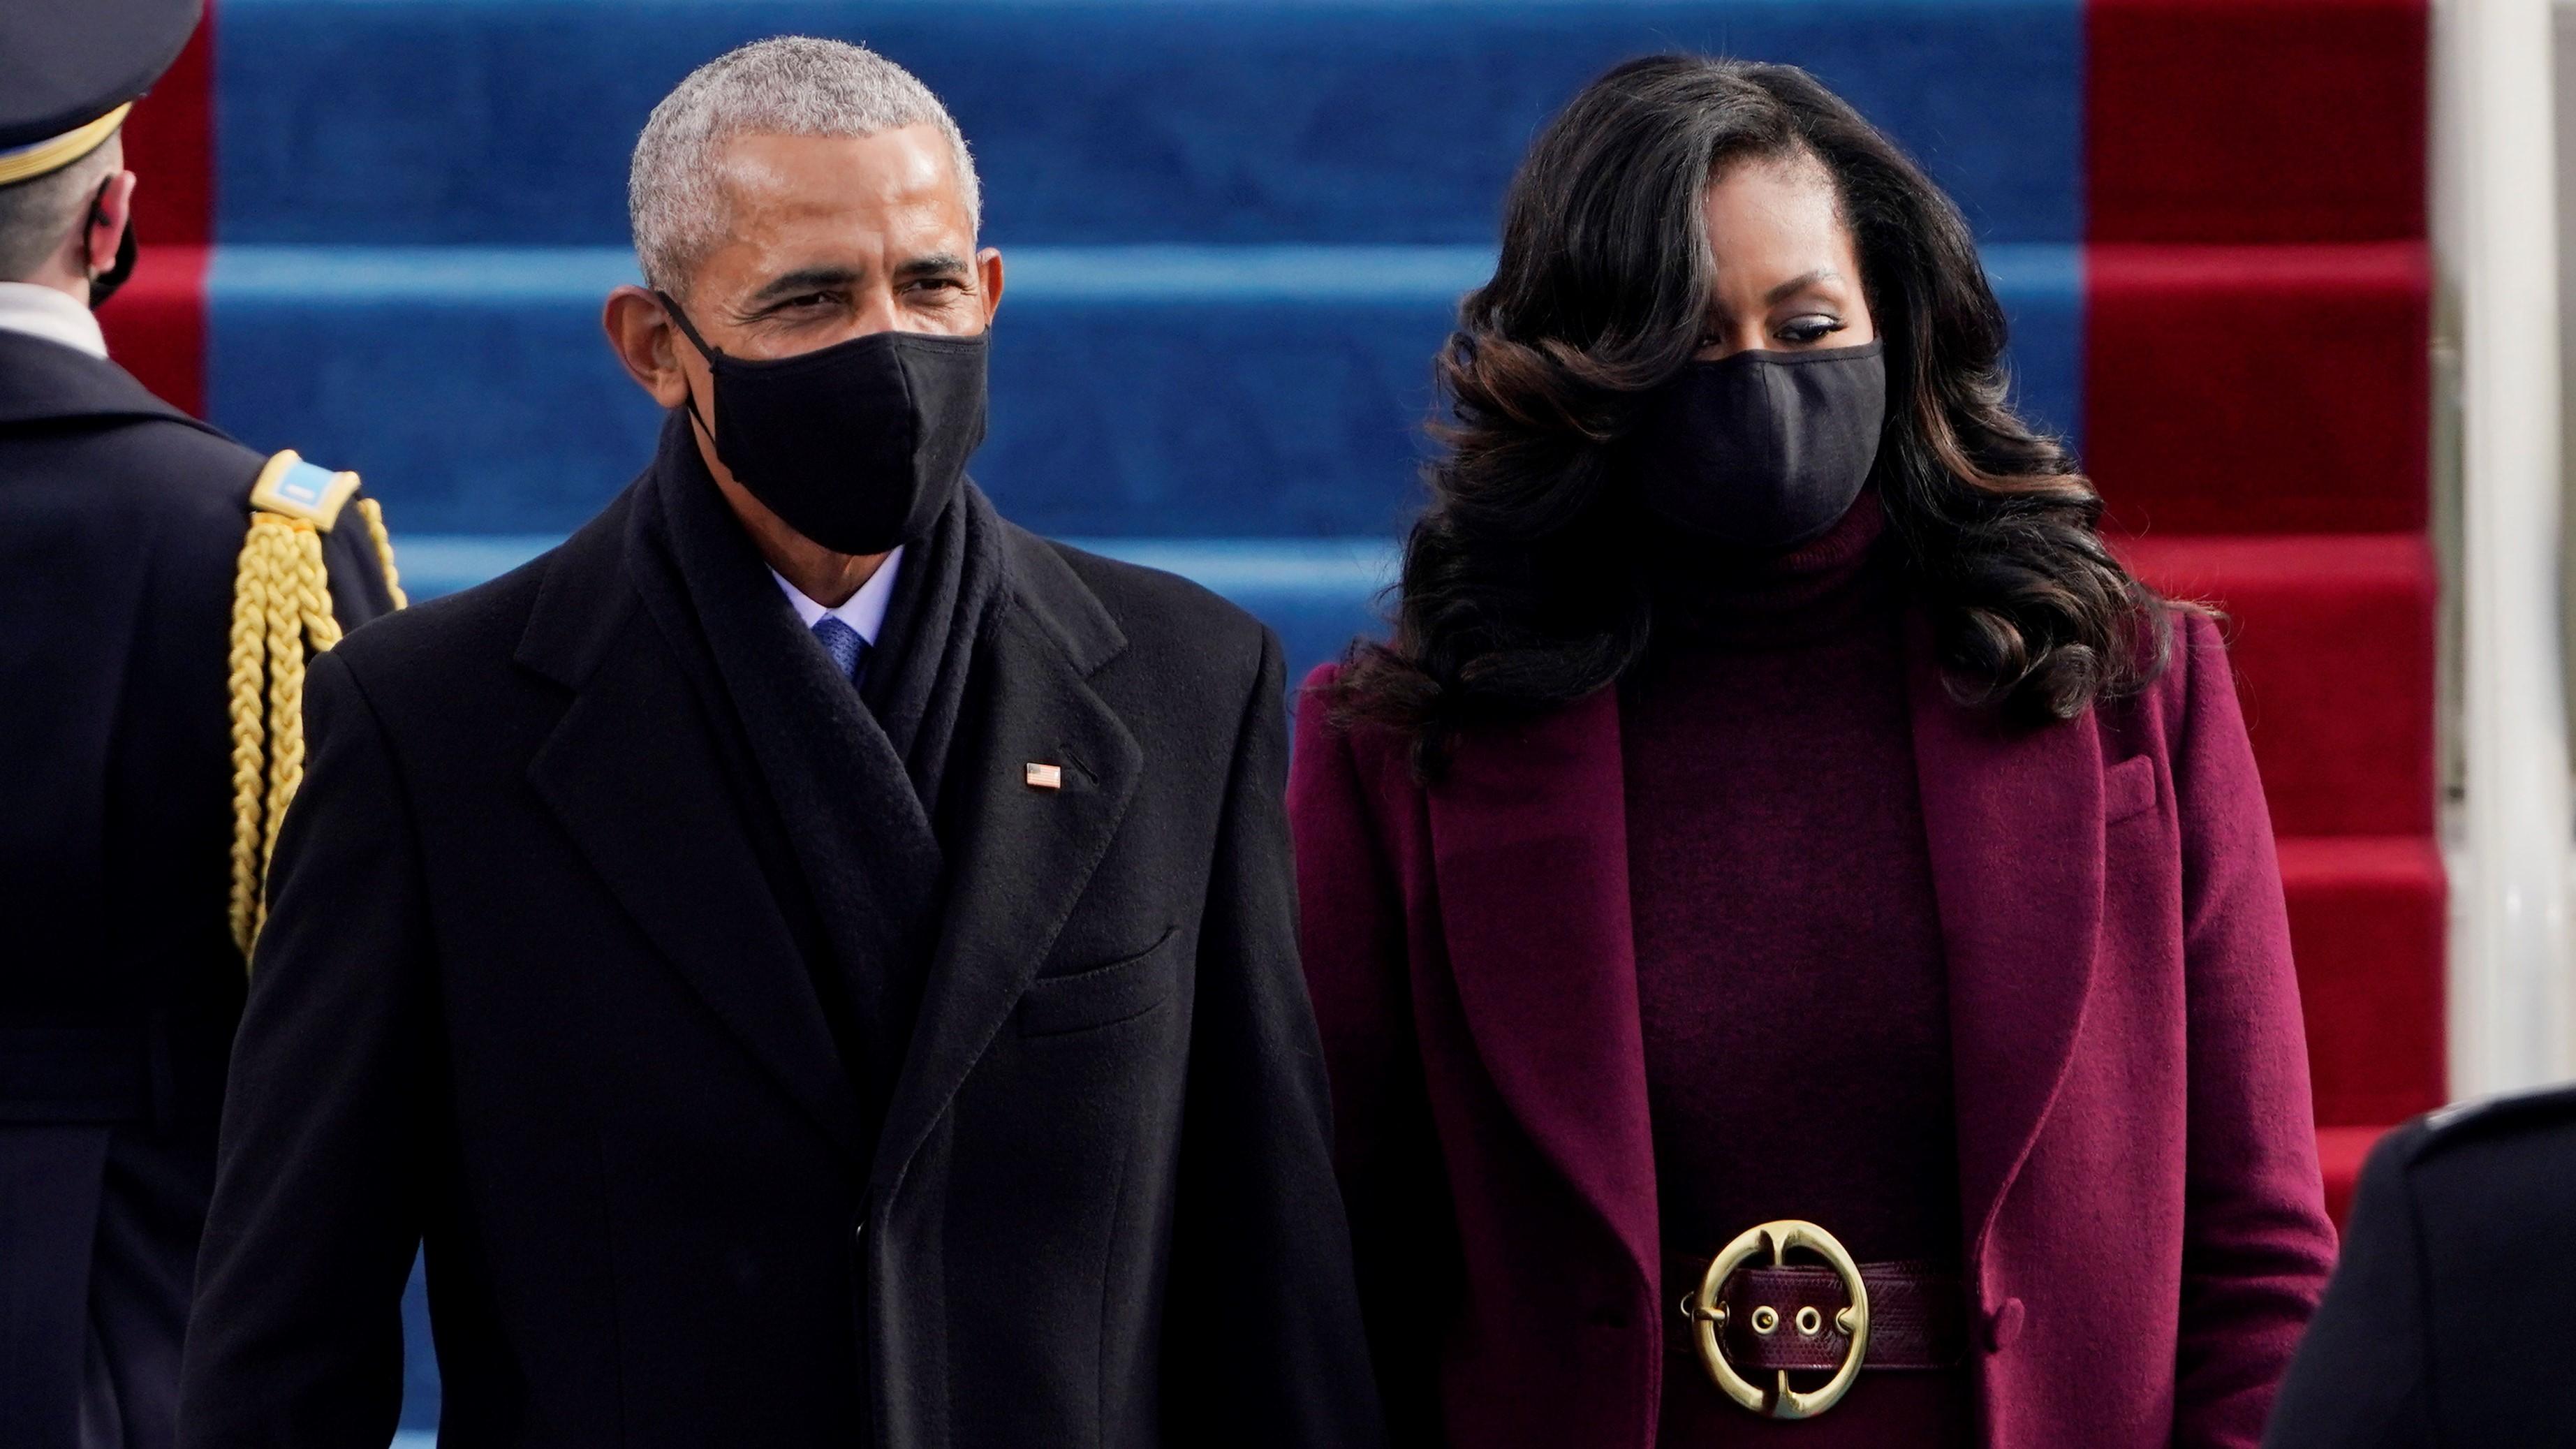 Barack Obama korábbi amerikai elnök és felesége, Michelle Obama Joe Biden megválasztott amerikai elnök beiktatási ünnepségére érkezik a washingtoni Capitoliumhoz 2021. január 20-án.